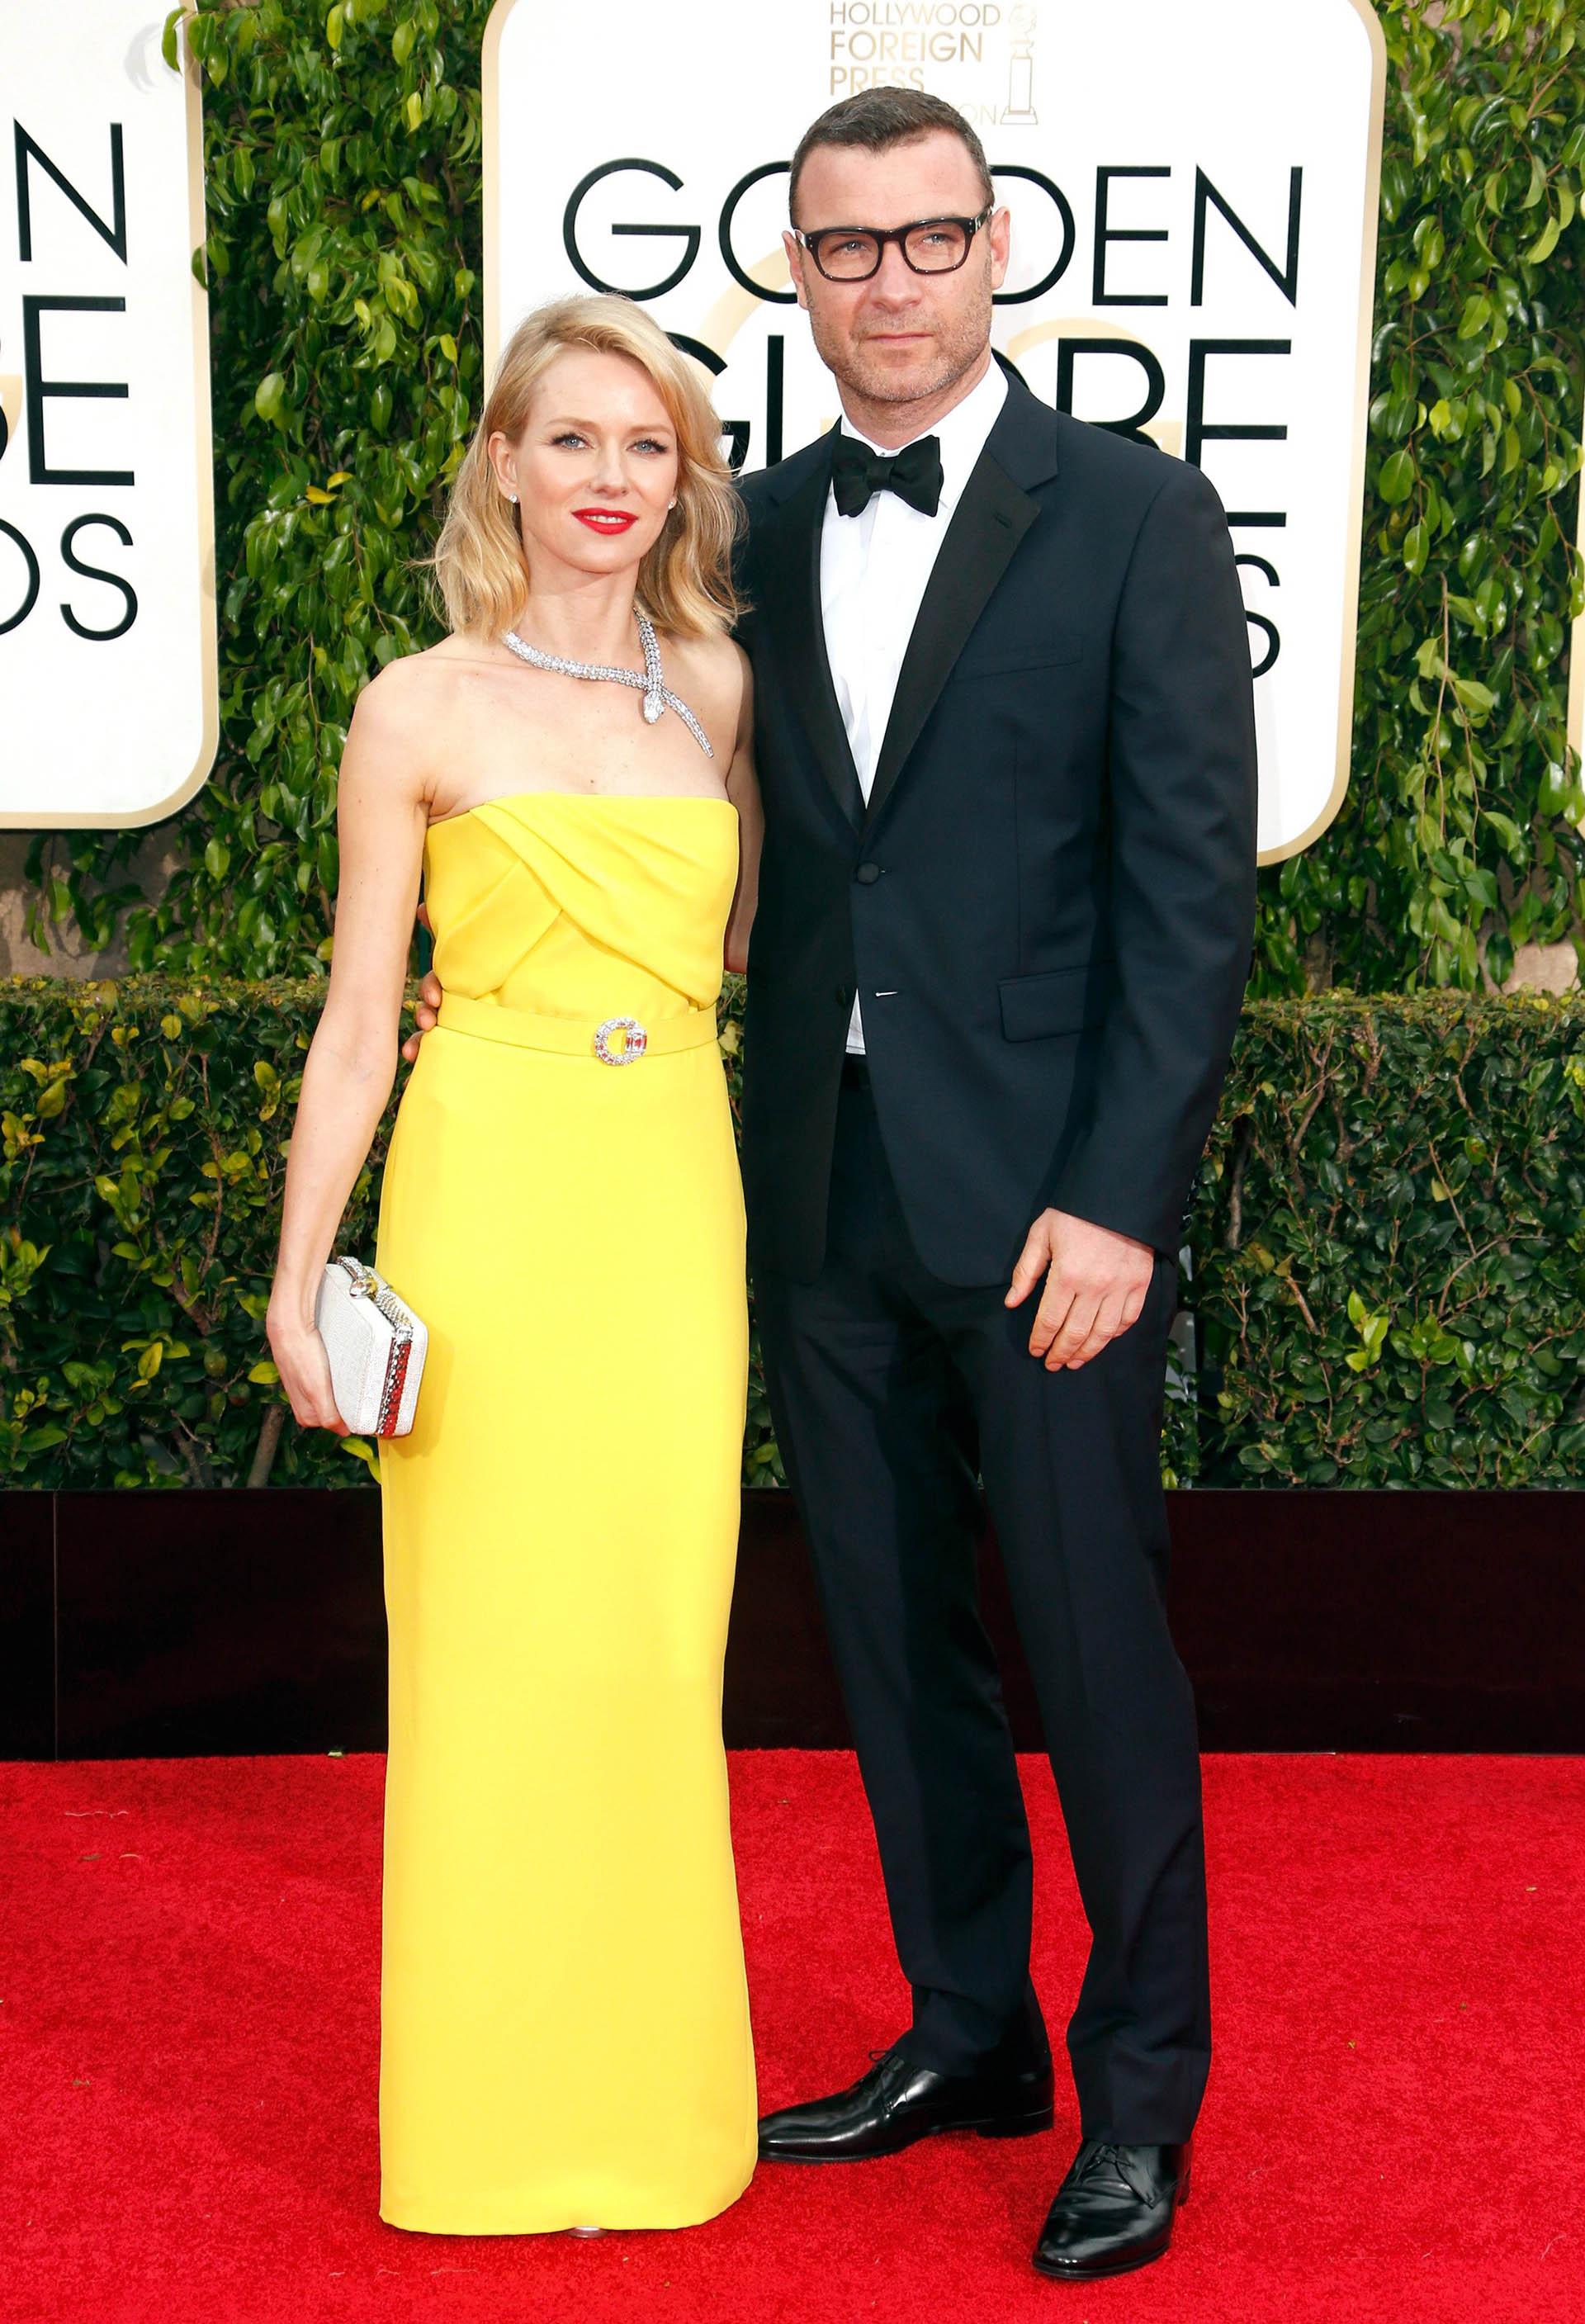 Naomi Watts y Liev Schreiber no estaban casados pero eran pareja desde hacía 11 años y tienen dos hijos en común: Samuel y Alexander. Anunciaron su separación una semana después que Brangelina.